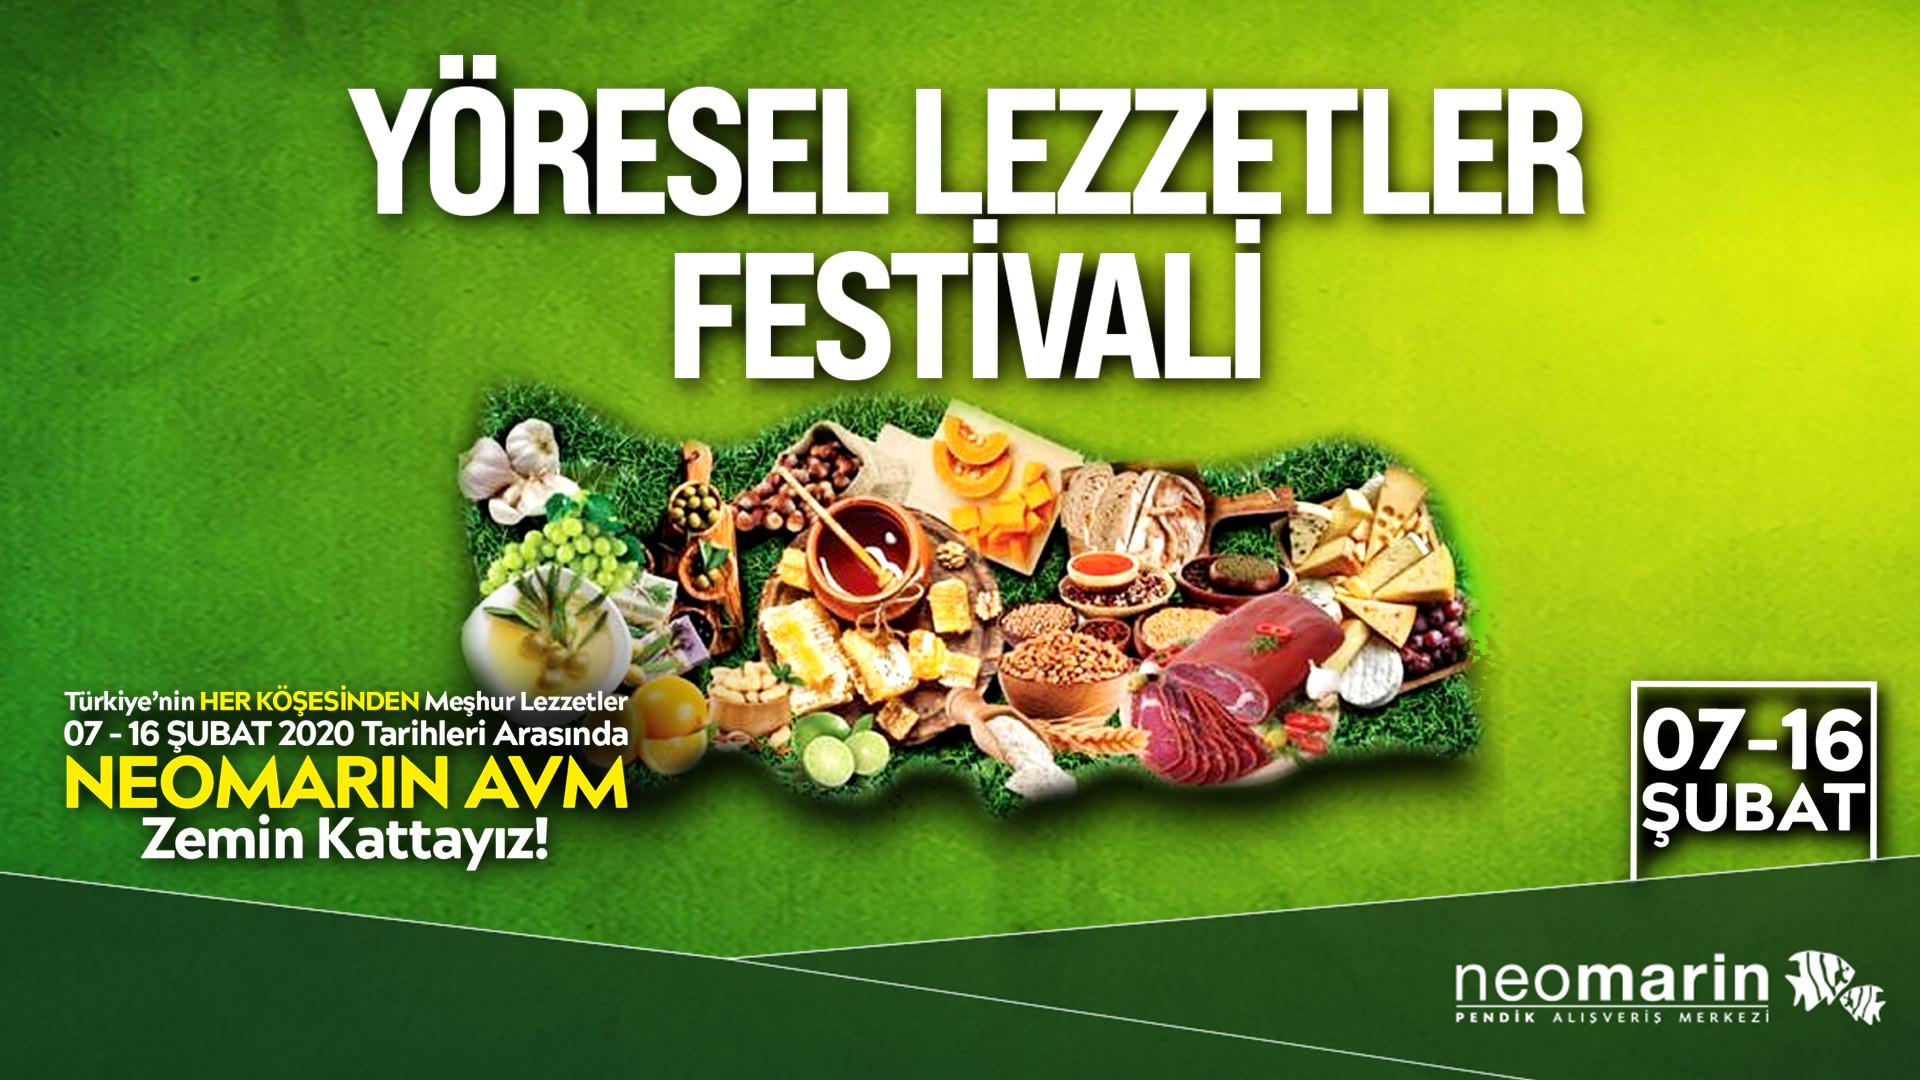 Yöresel Lezzetler Festivali